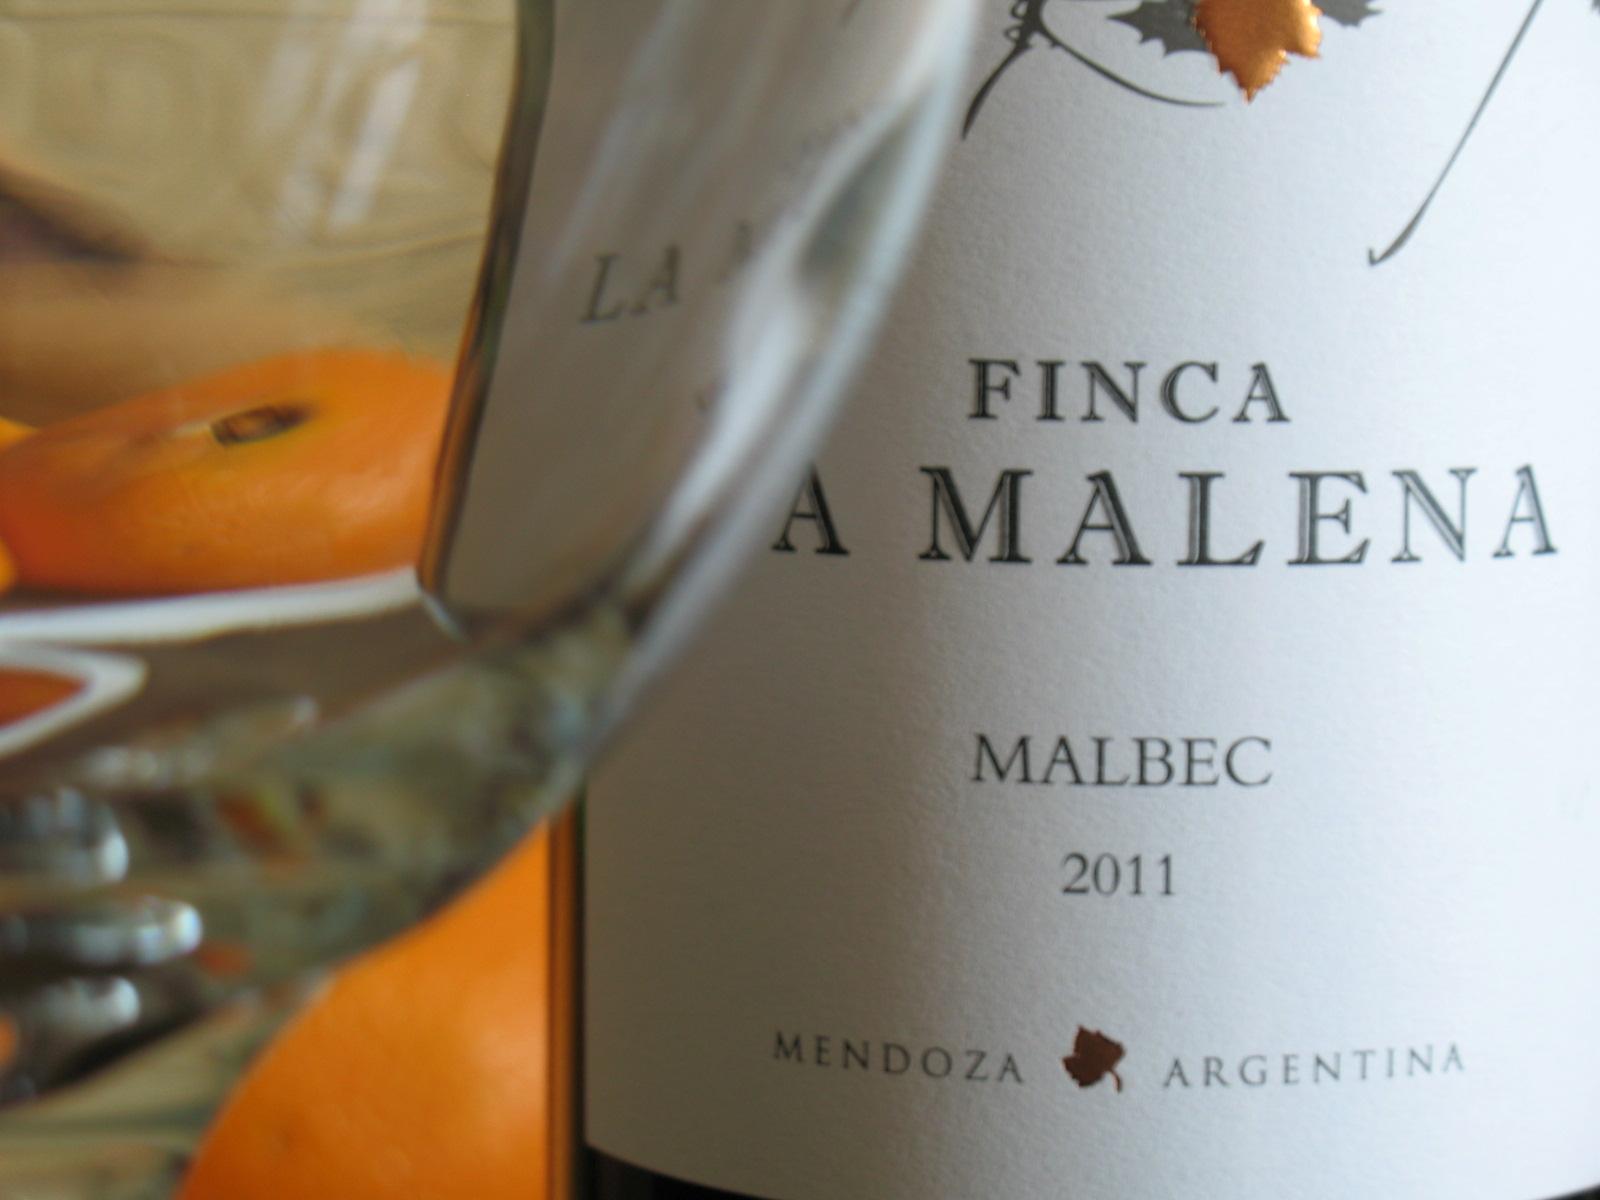 Finca La Malena 2013 Malbec